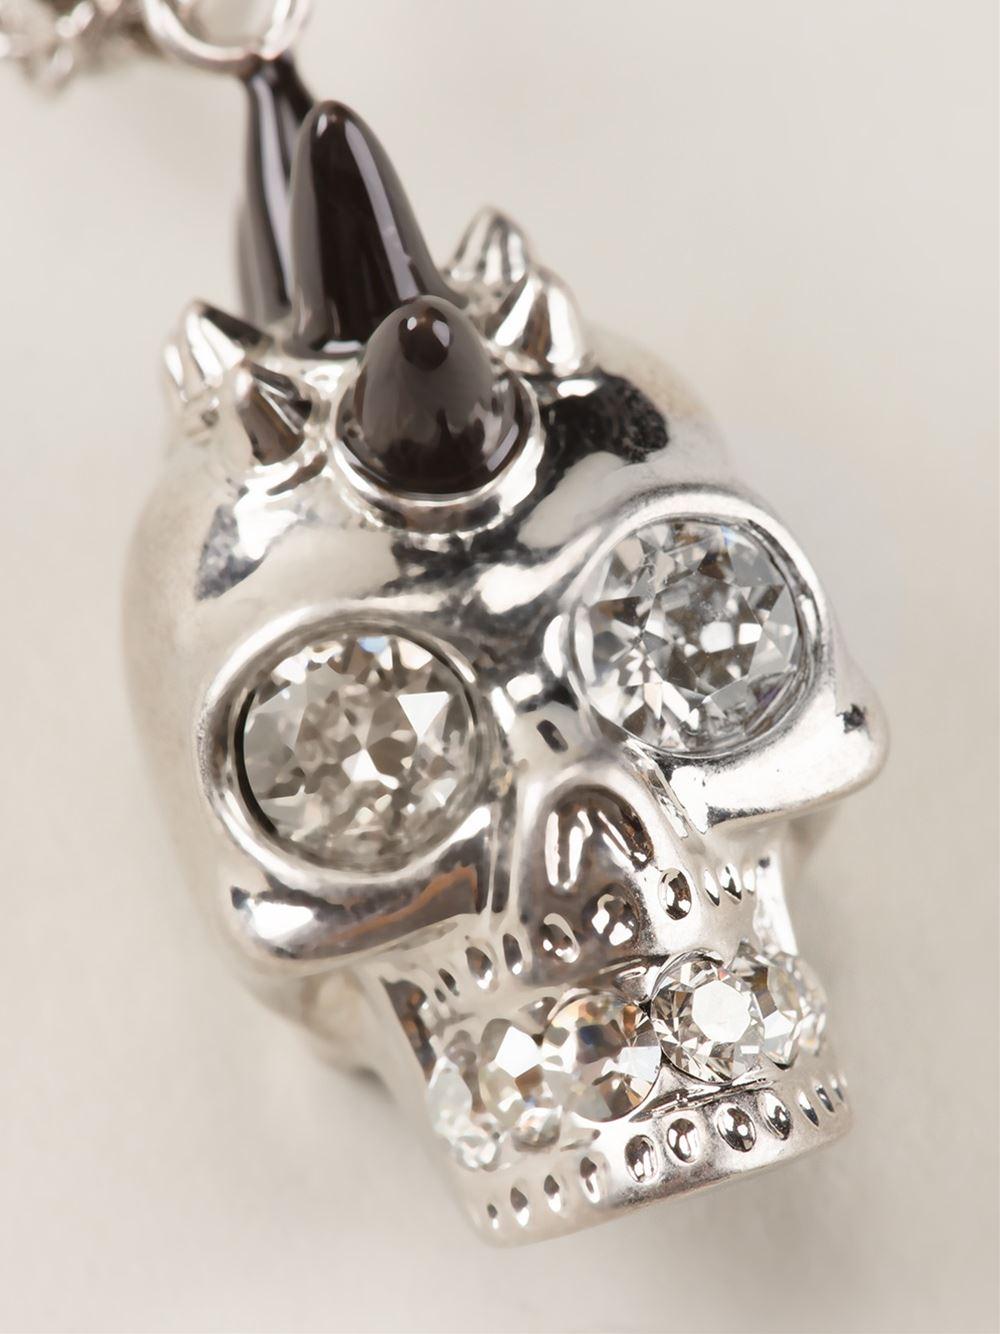 Alexander McQueen Mohican Skull Necklace in Metallic